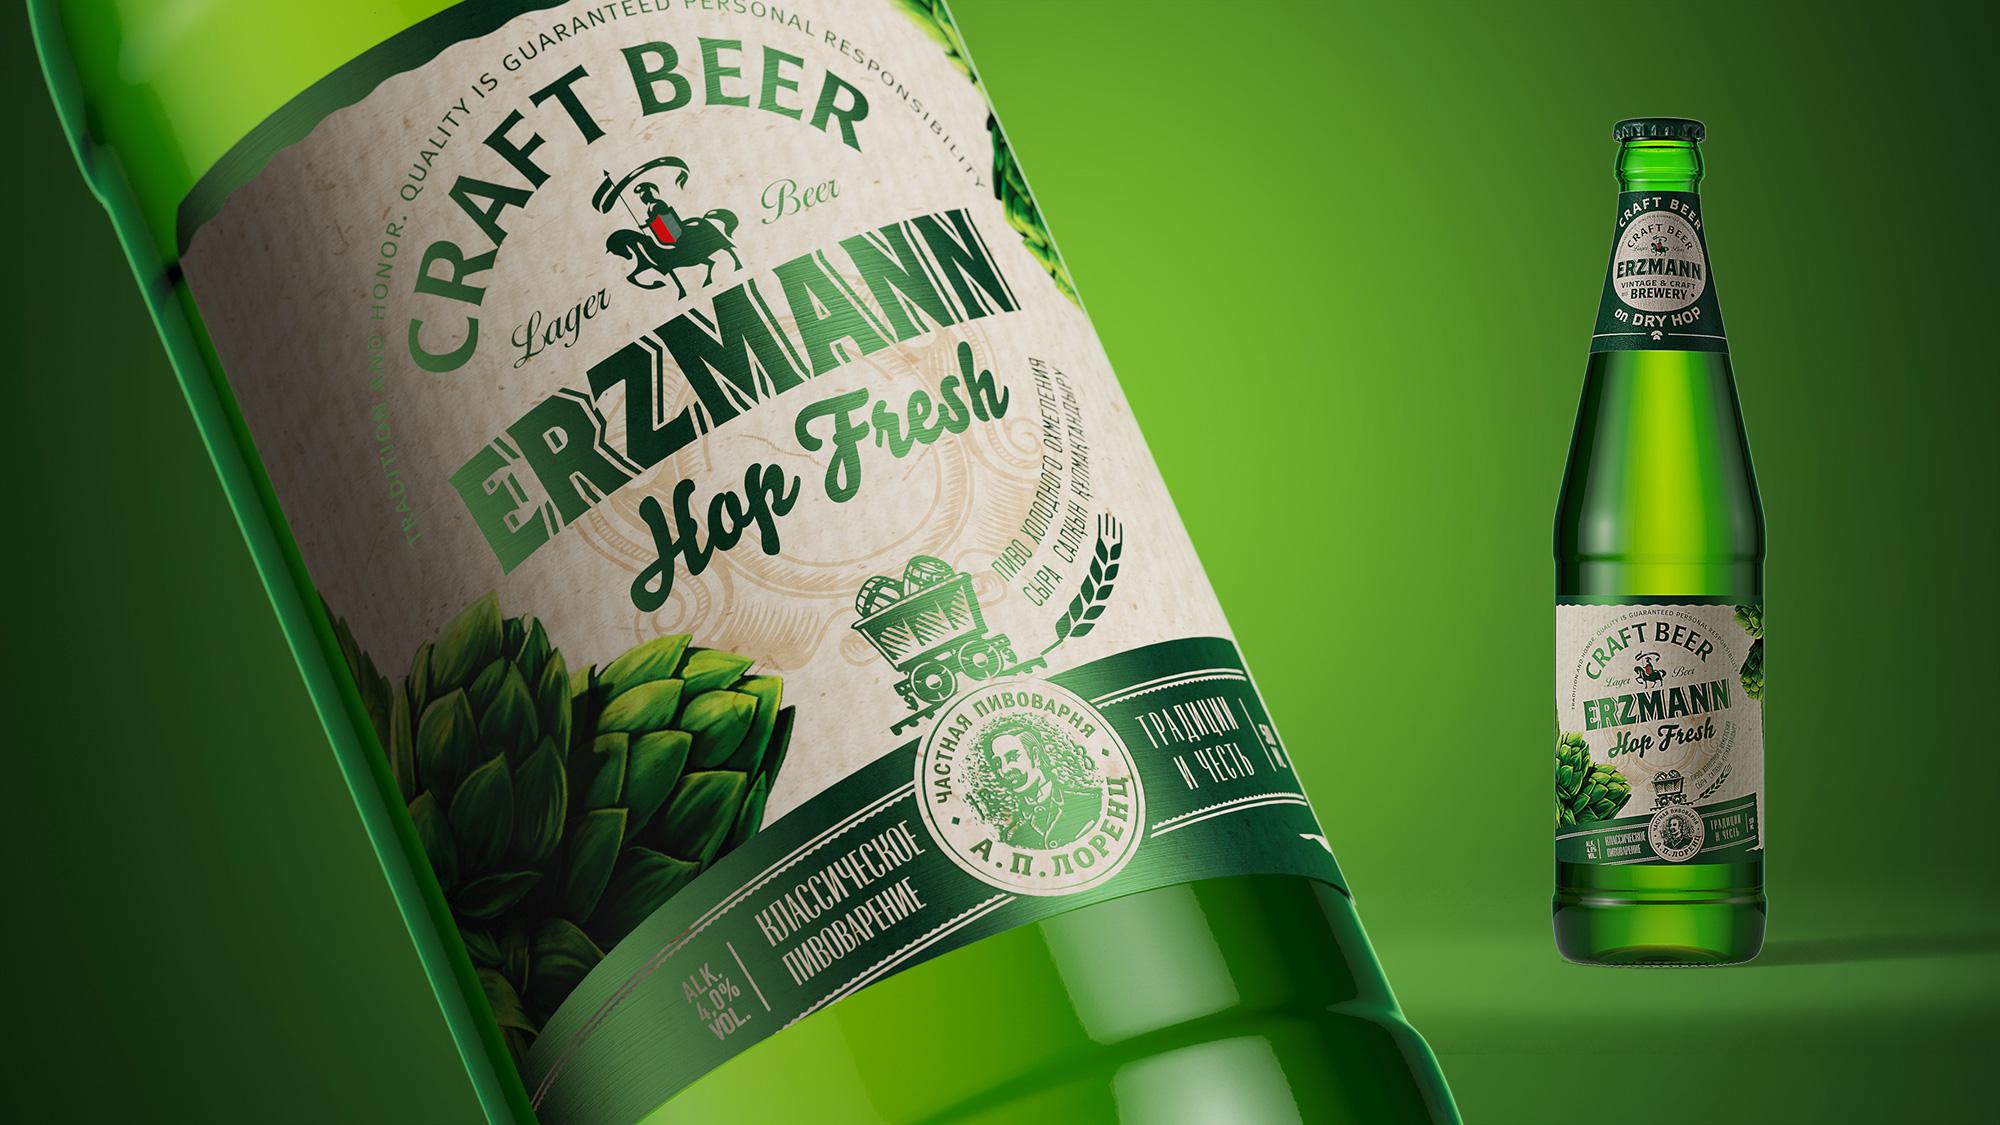 """Созданный дизайн сохранил давнюю историю пивоваренного завода. Новый завод получил название """"Частная пивоварня А.П. Лоренца"""""""